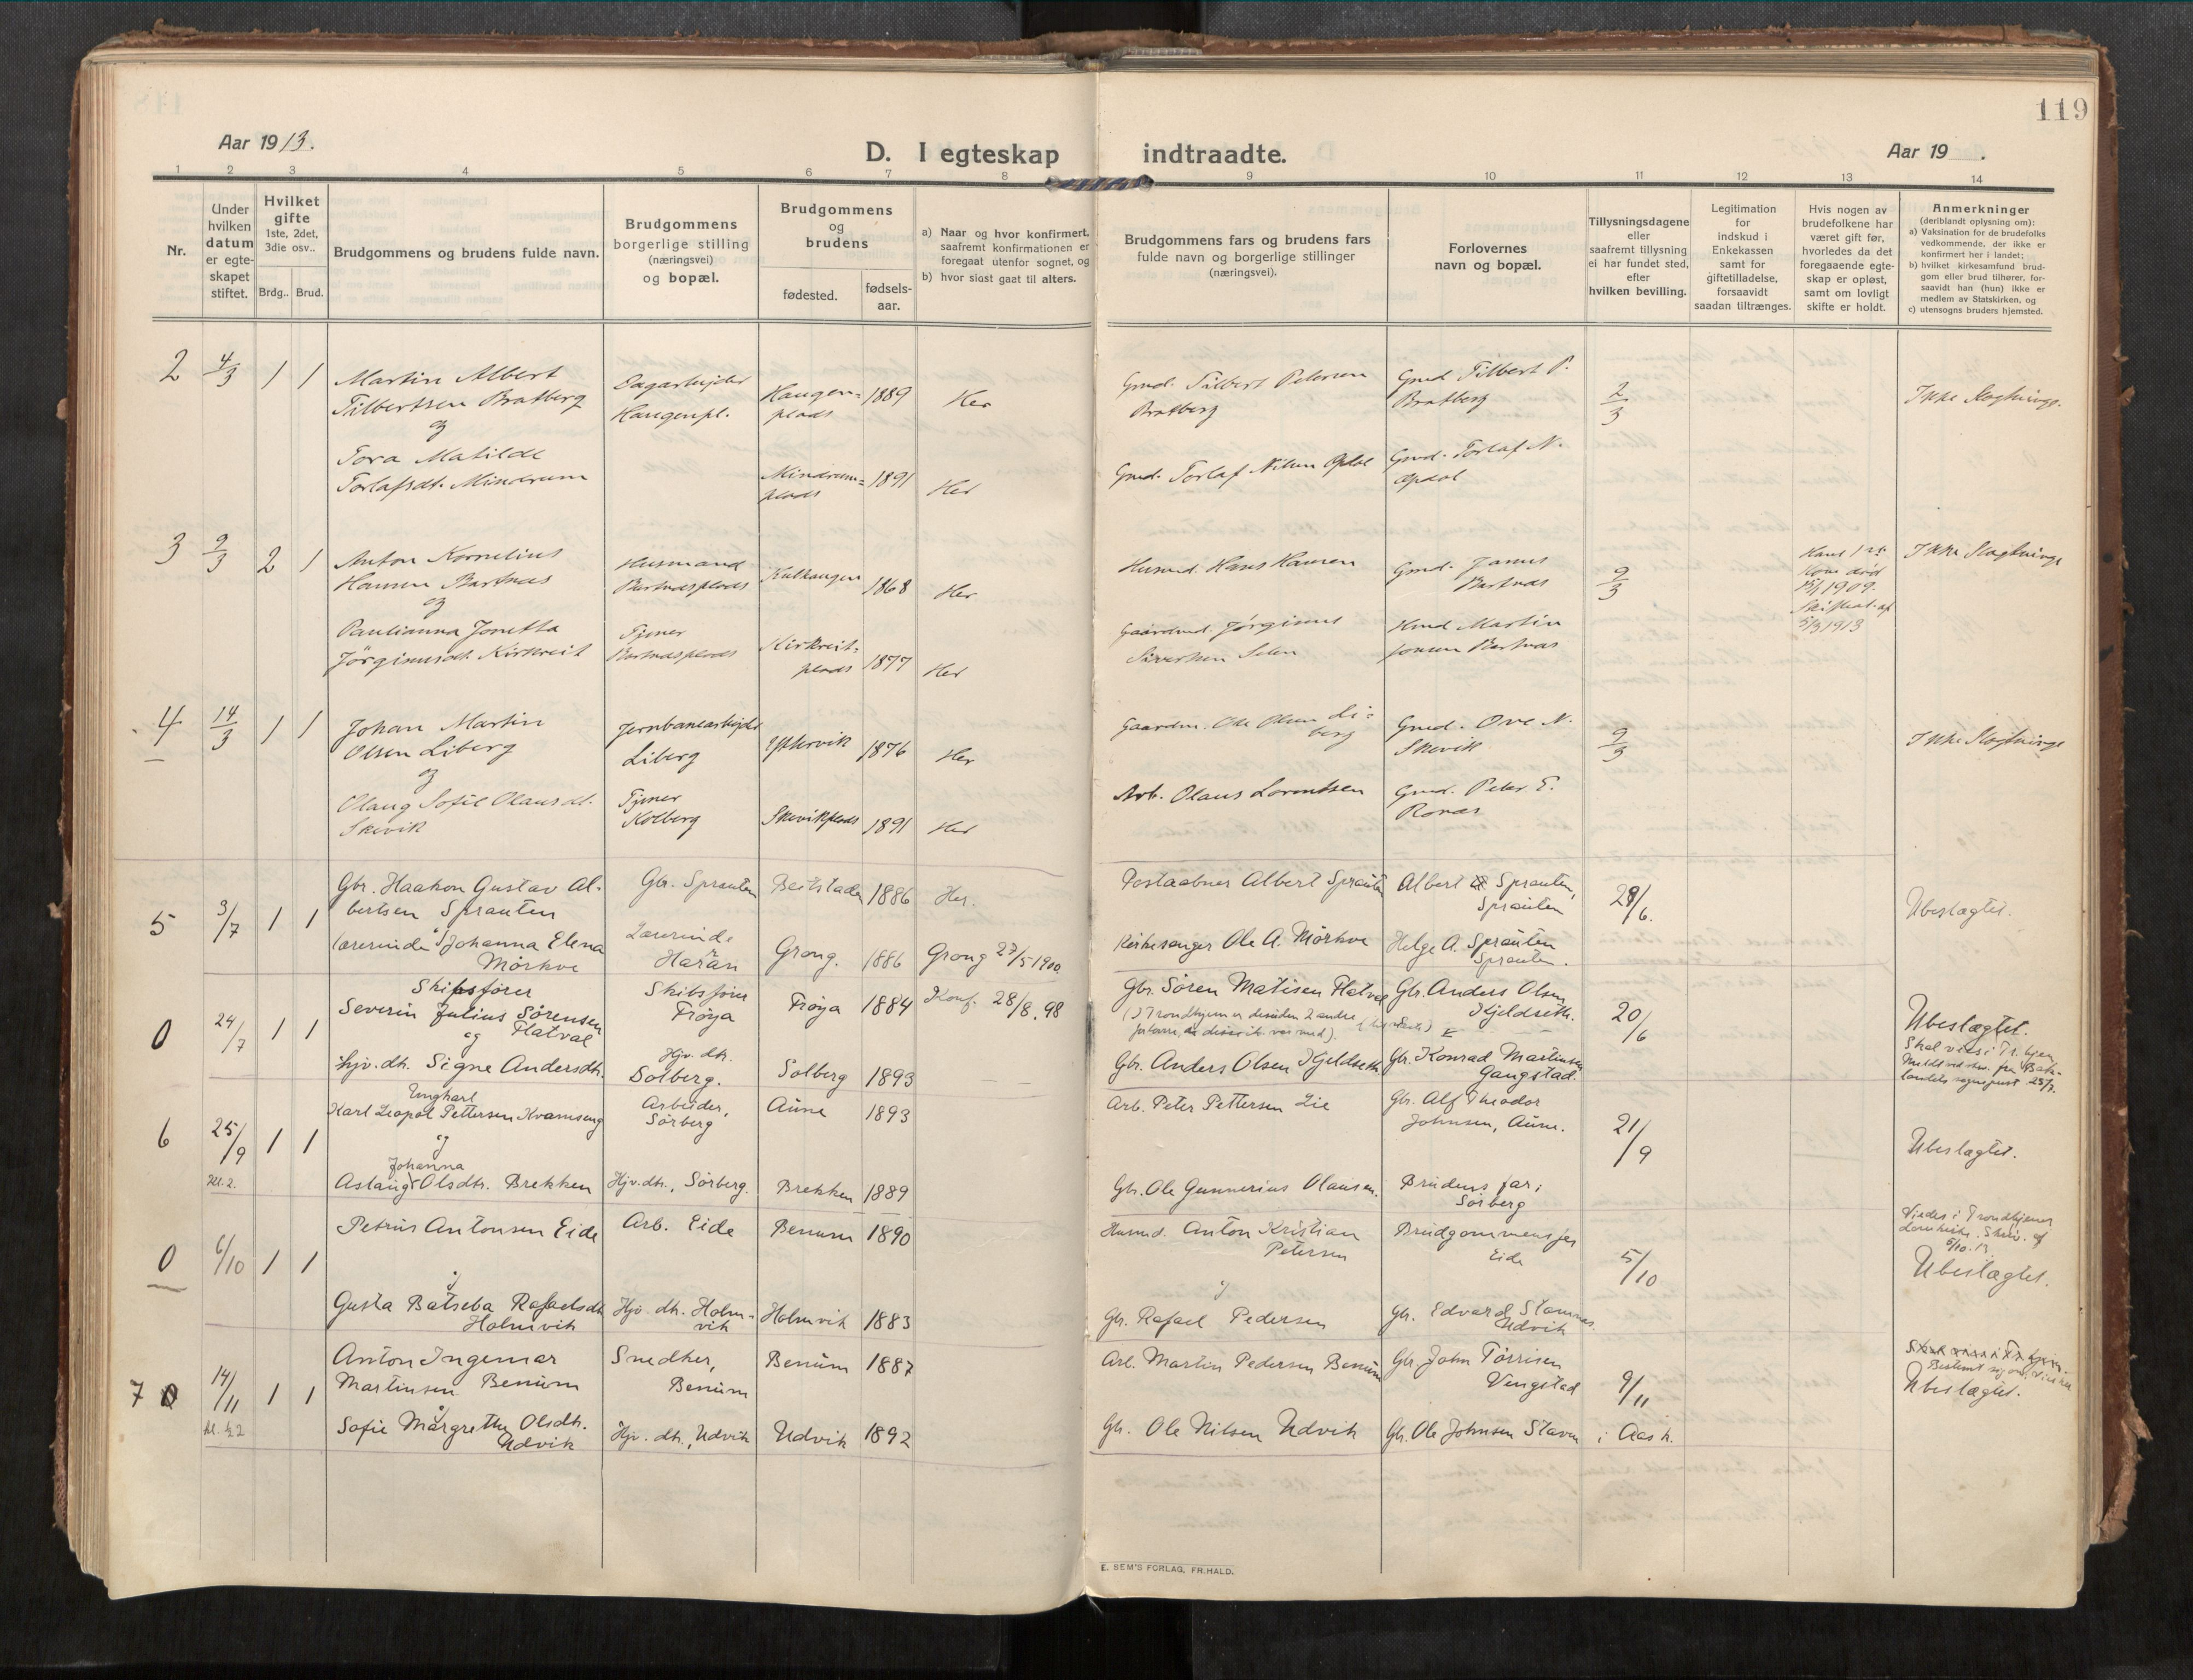 SAT, Beitstad sokneprestkontor, I/I1/I1a/L0001: Ministerialbok nr. 1, 1912-1927, s. 119